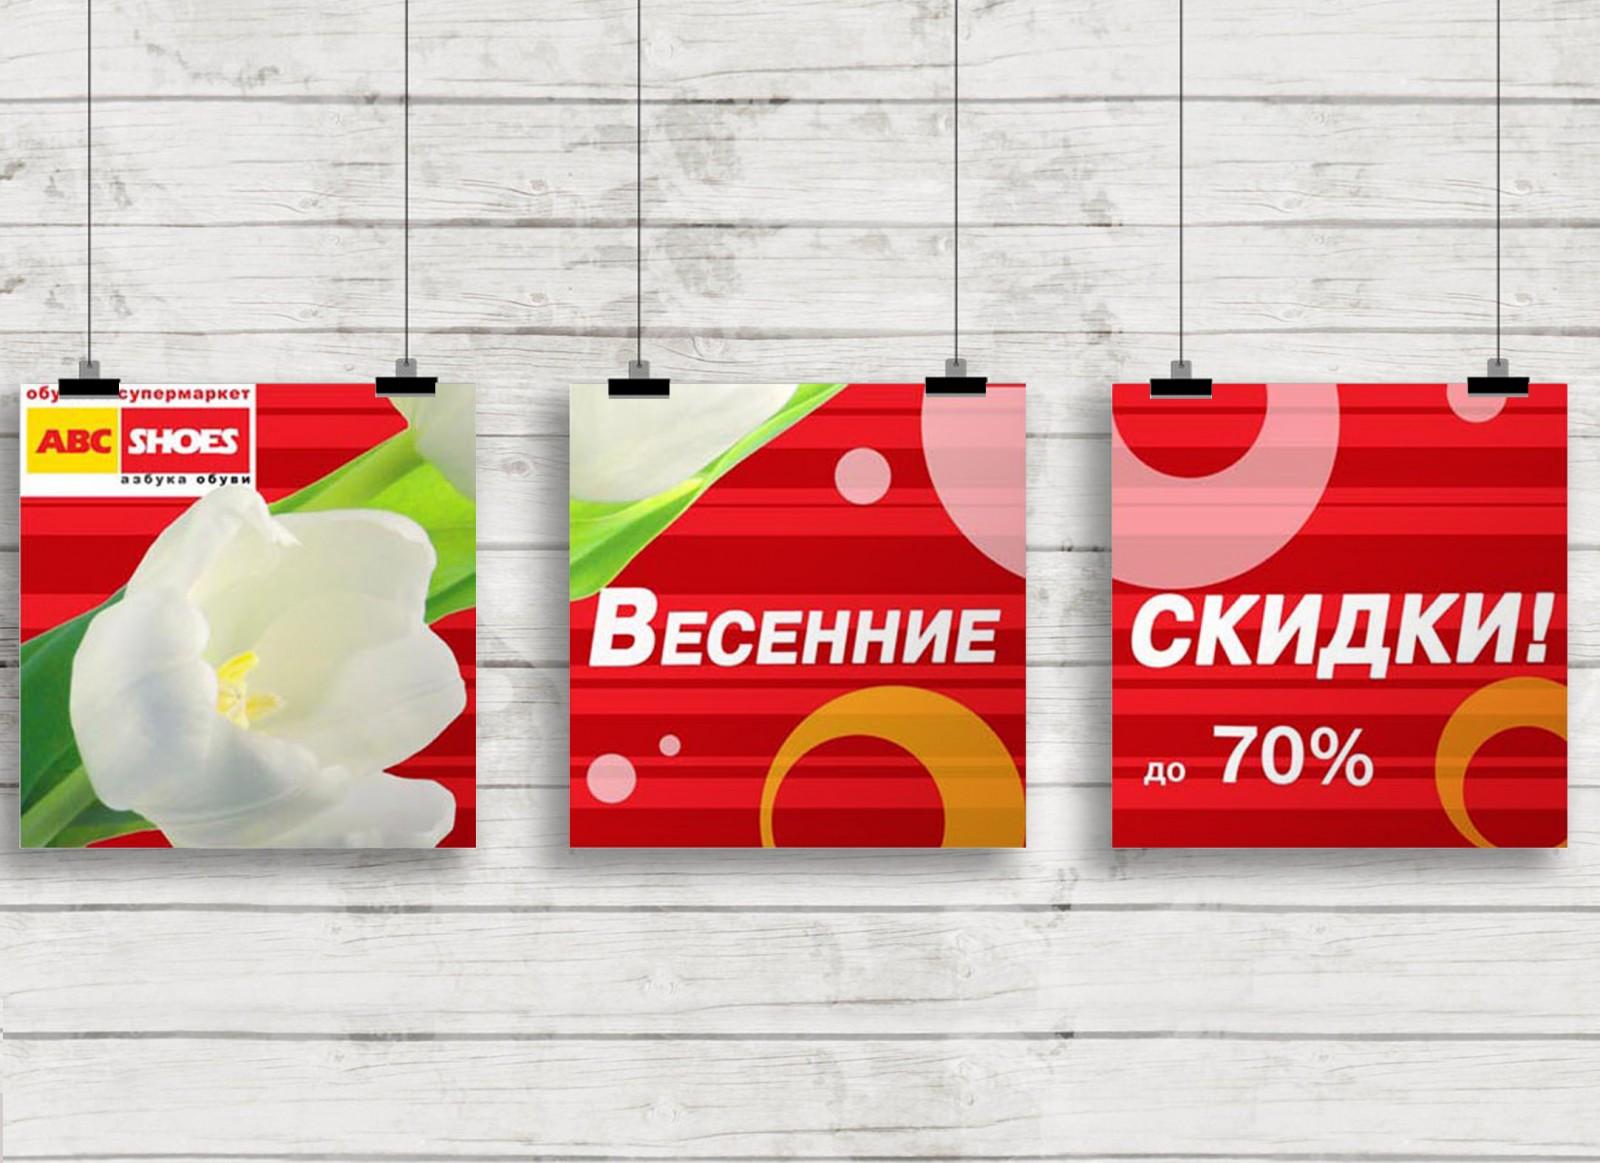 плакаты для abc shoes